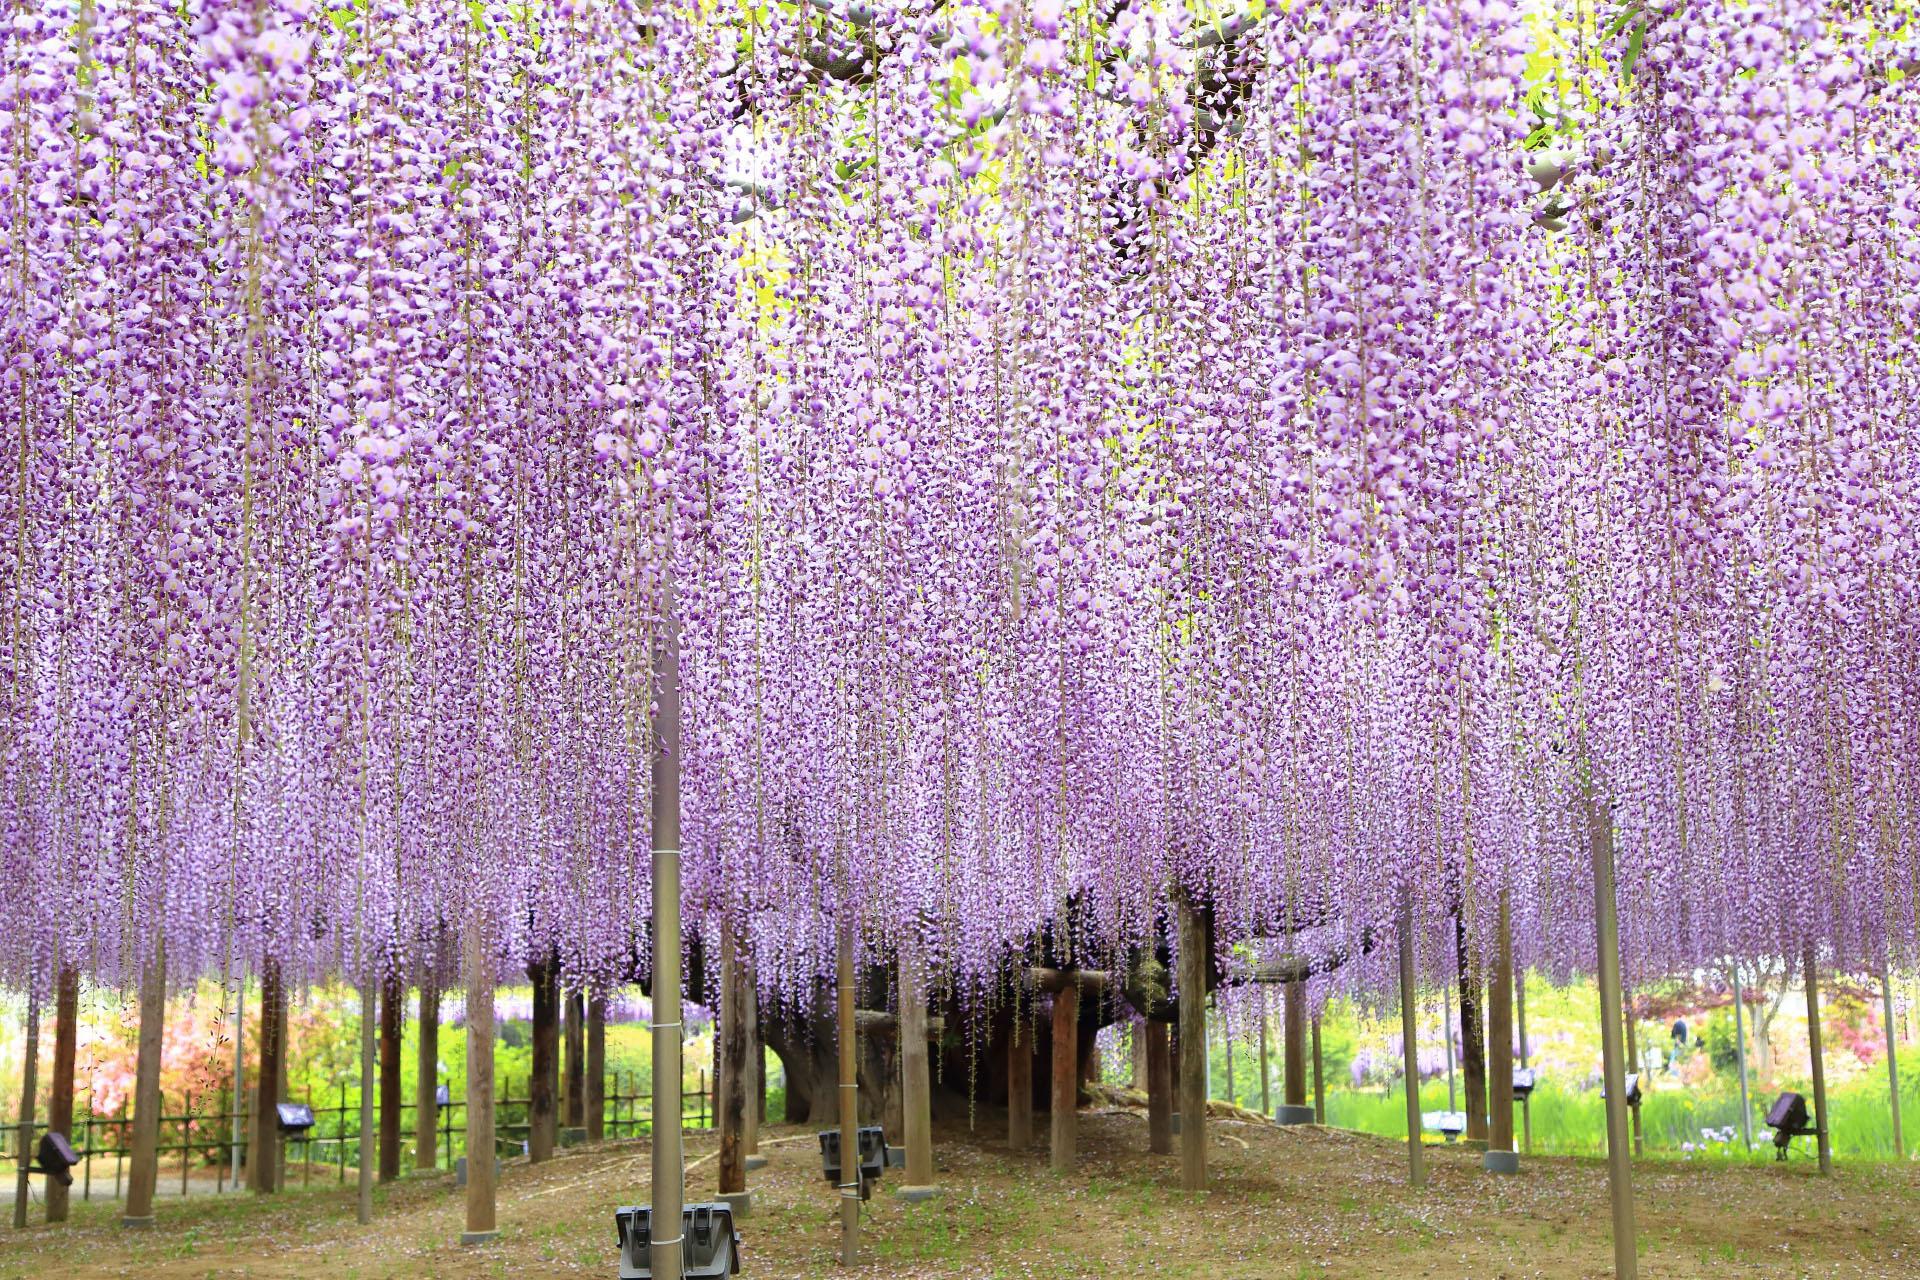 藤の咲く風景 あしかがフラワーパーク 栃木の風景